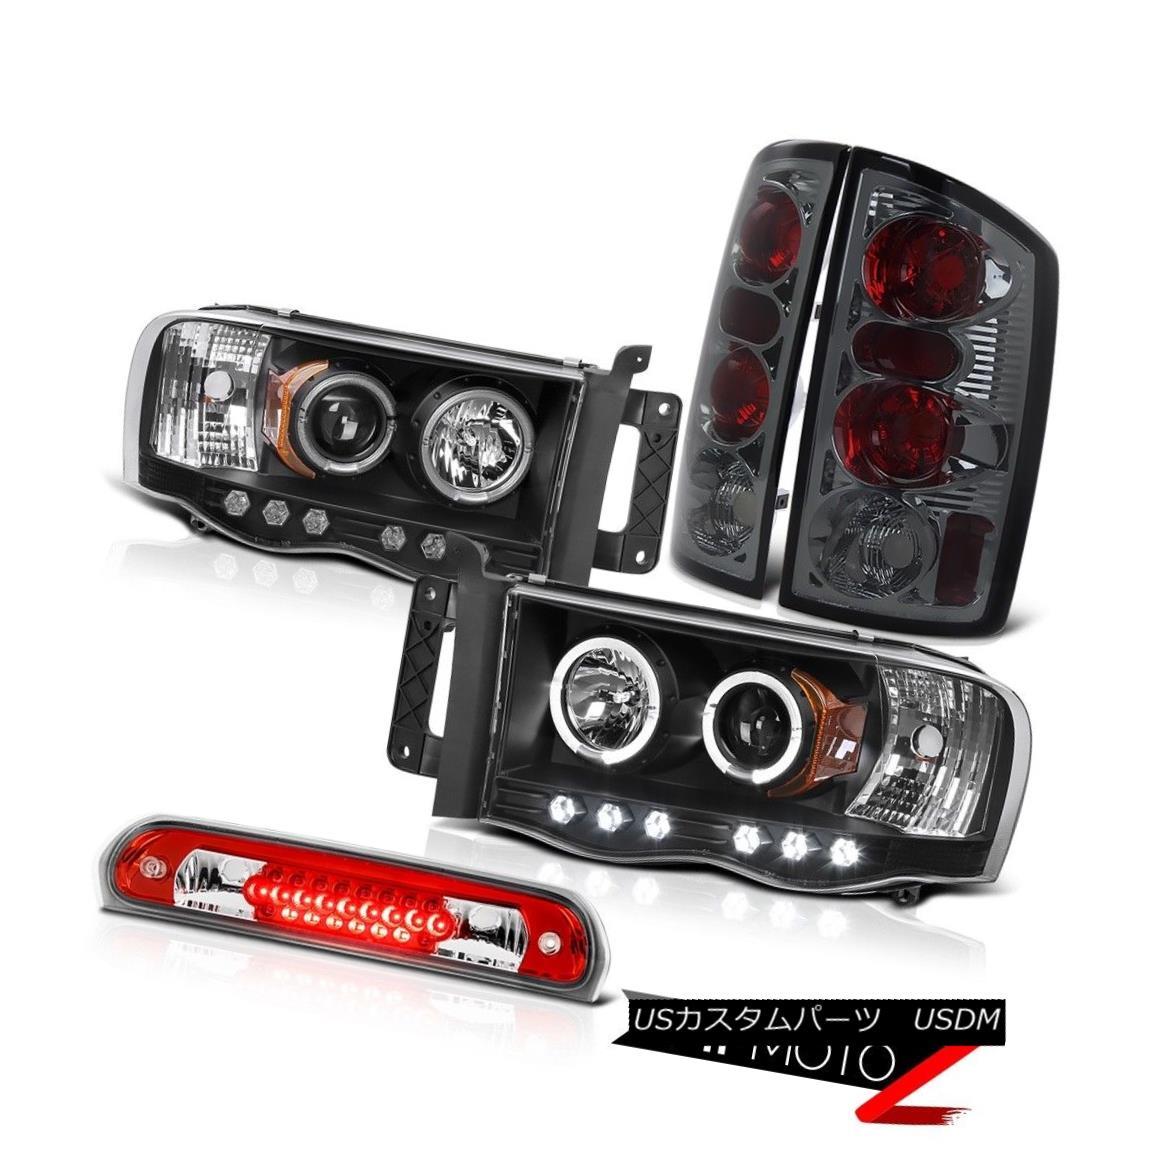 テールライト Black Halo LED Headlights Tinted Brake Tail Lights Wine Red 02 03 04 05 Ram 2500 ブラックヘイローLEDヘッドライトティンテッドブレーキテールライトワインレッド02 03 04 05 Ram 2500